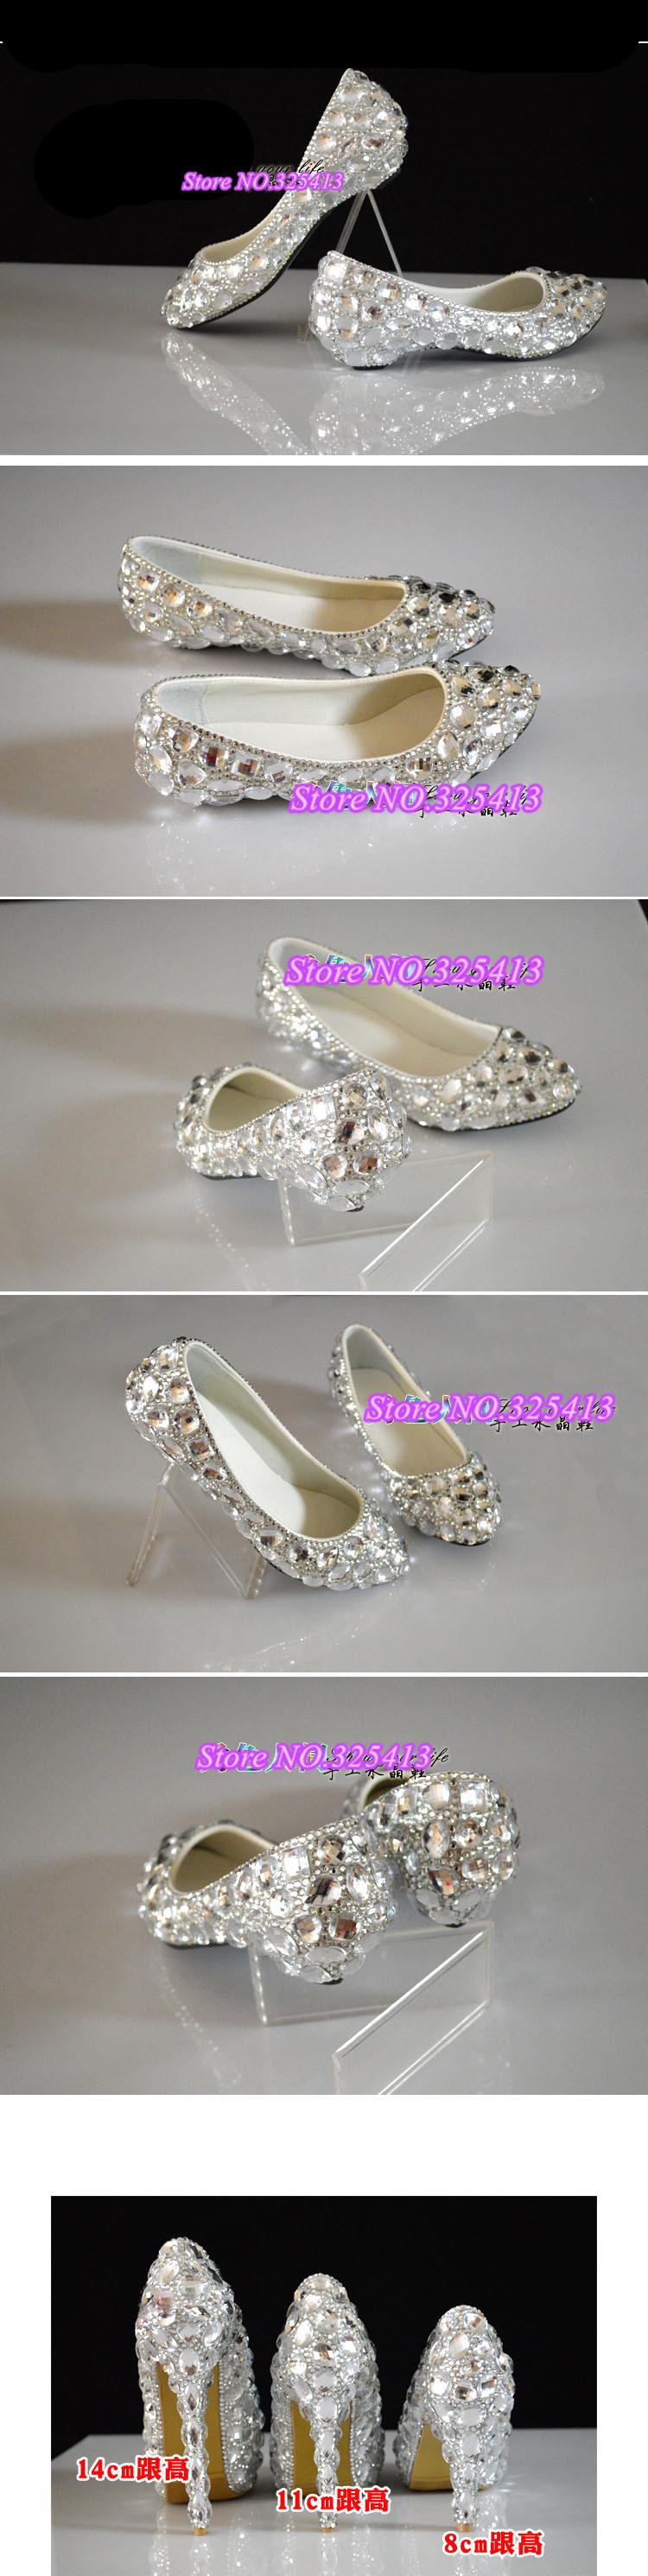 white rhinestone wedges wedding shoes bridal dress shoes shallow mouth shoes big plus size 35-44